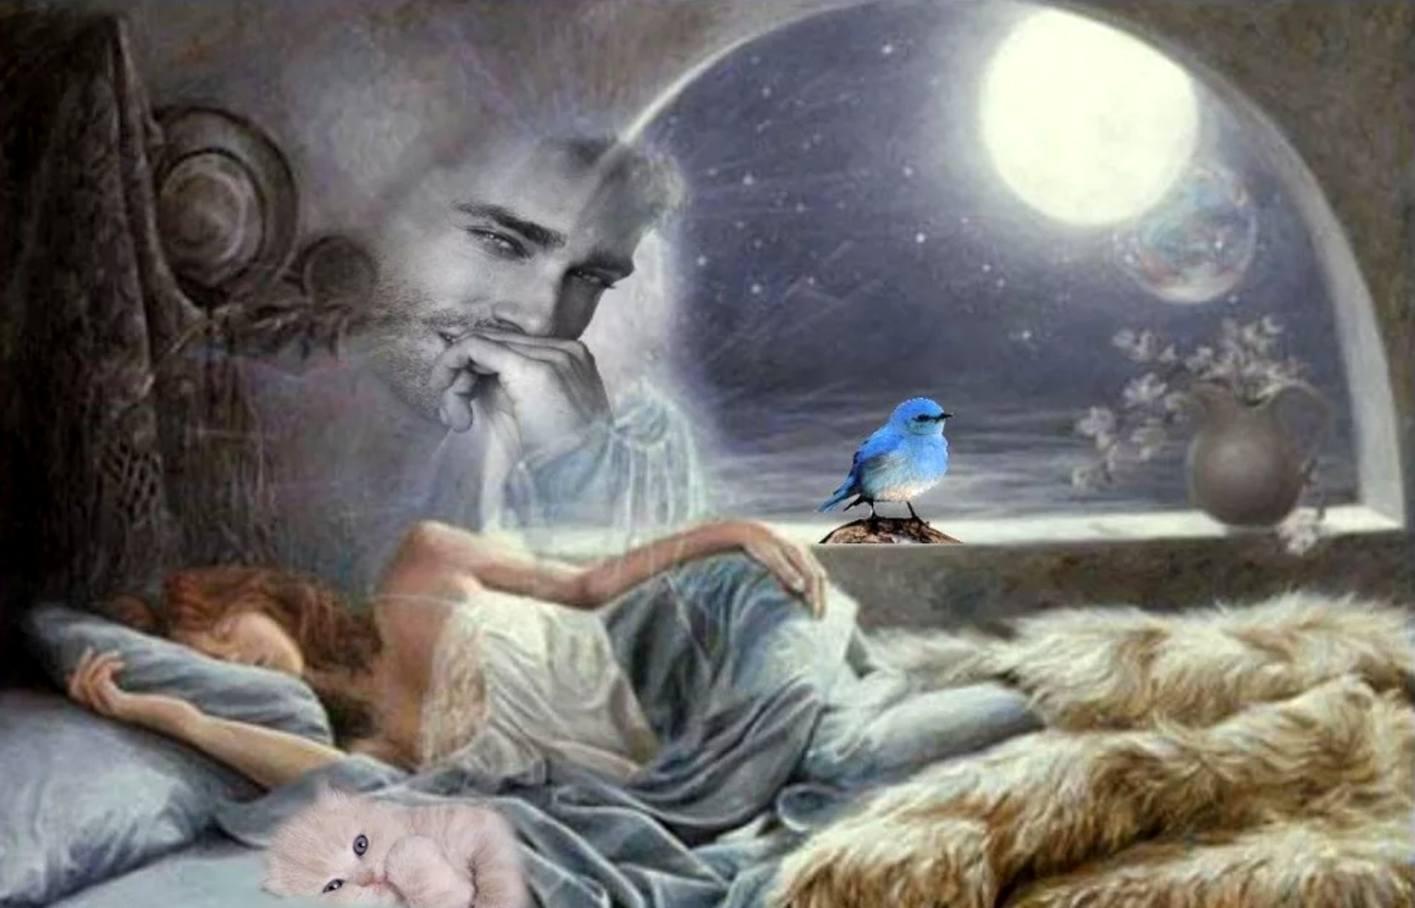 густооблиствленные кустики увидеть свою фотографию во сне для